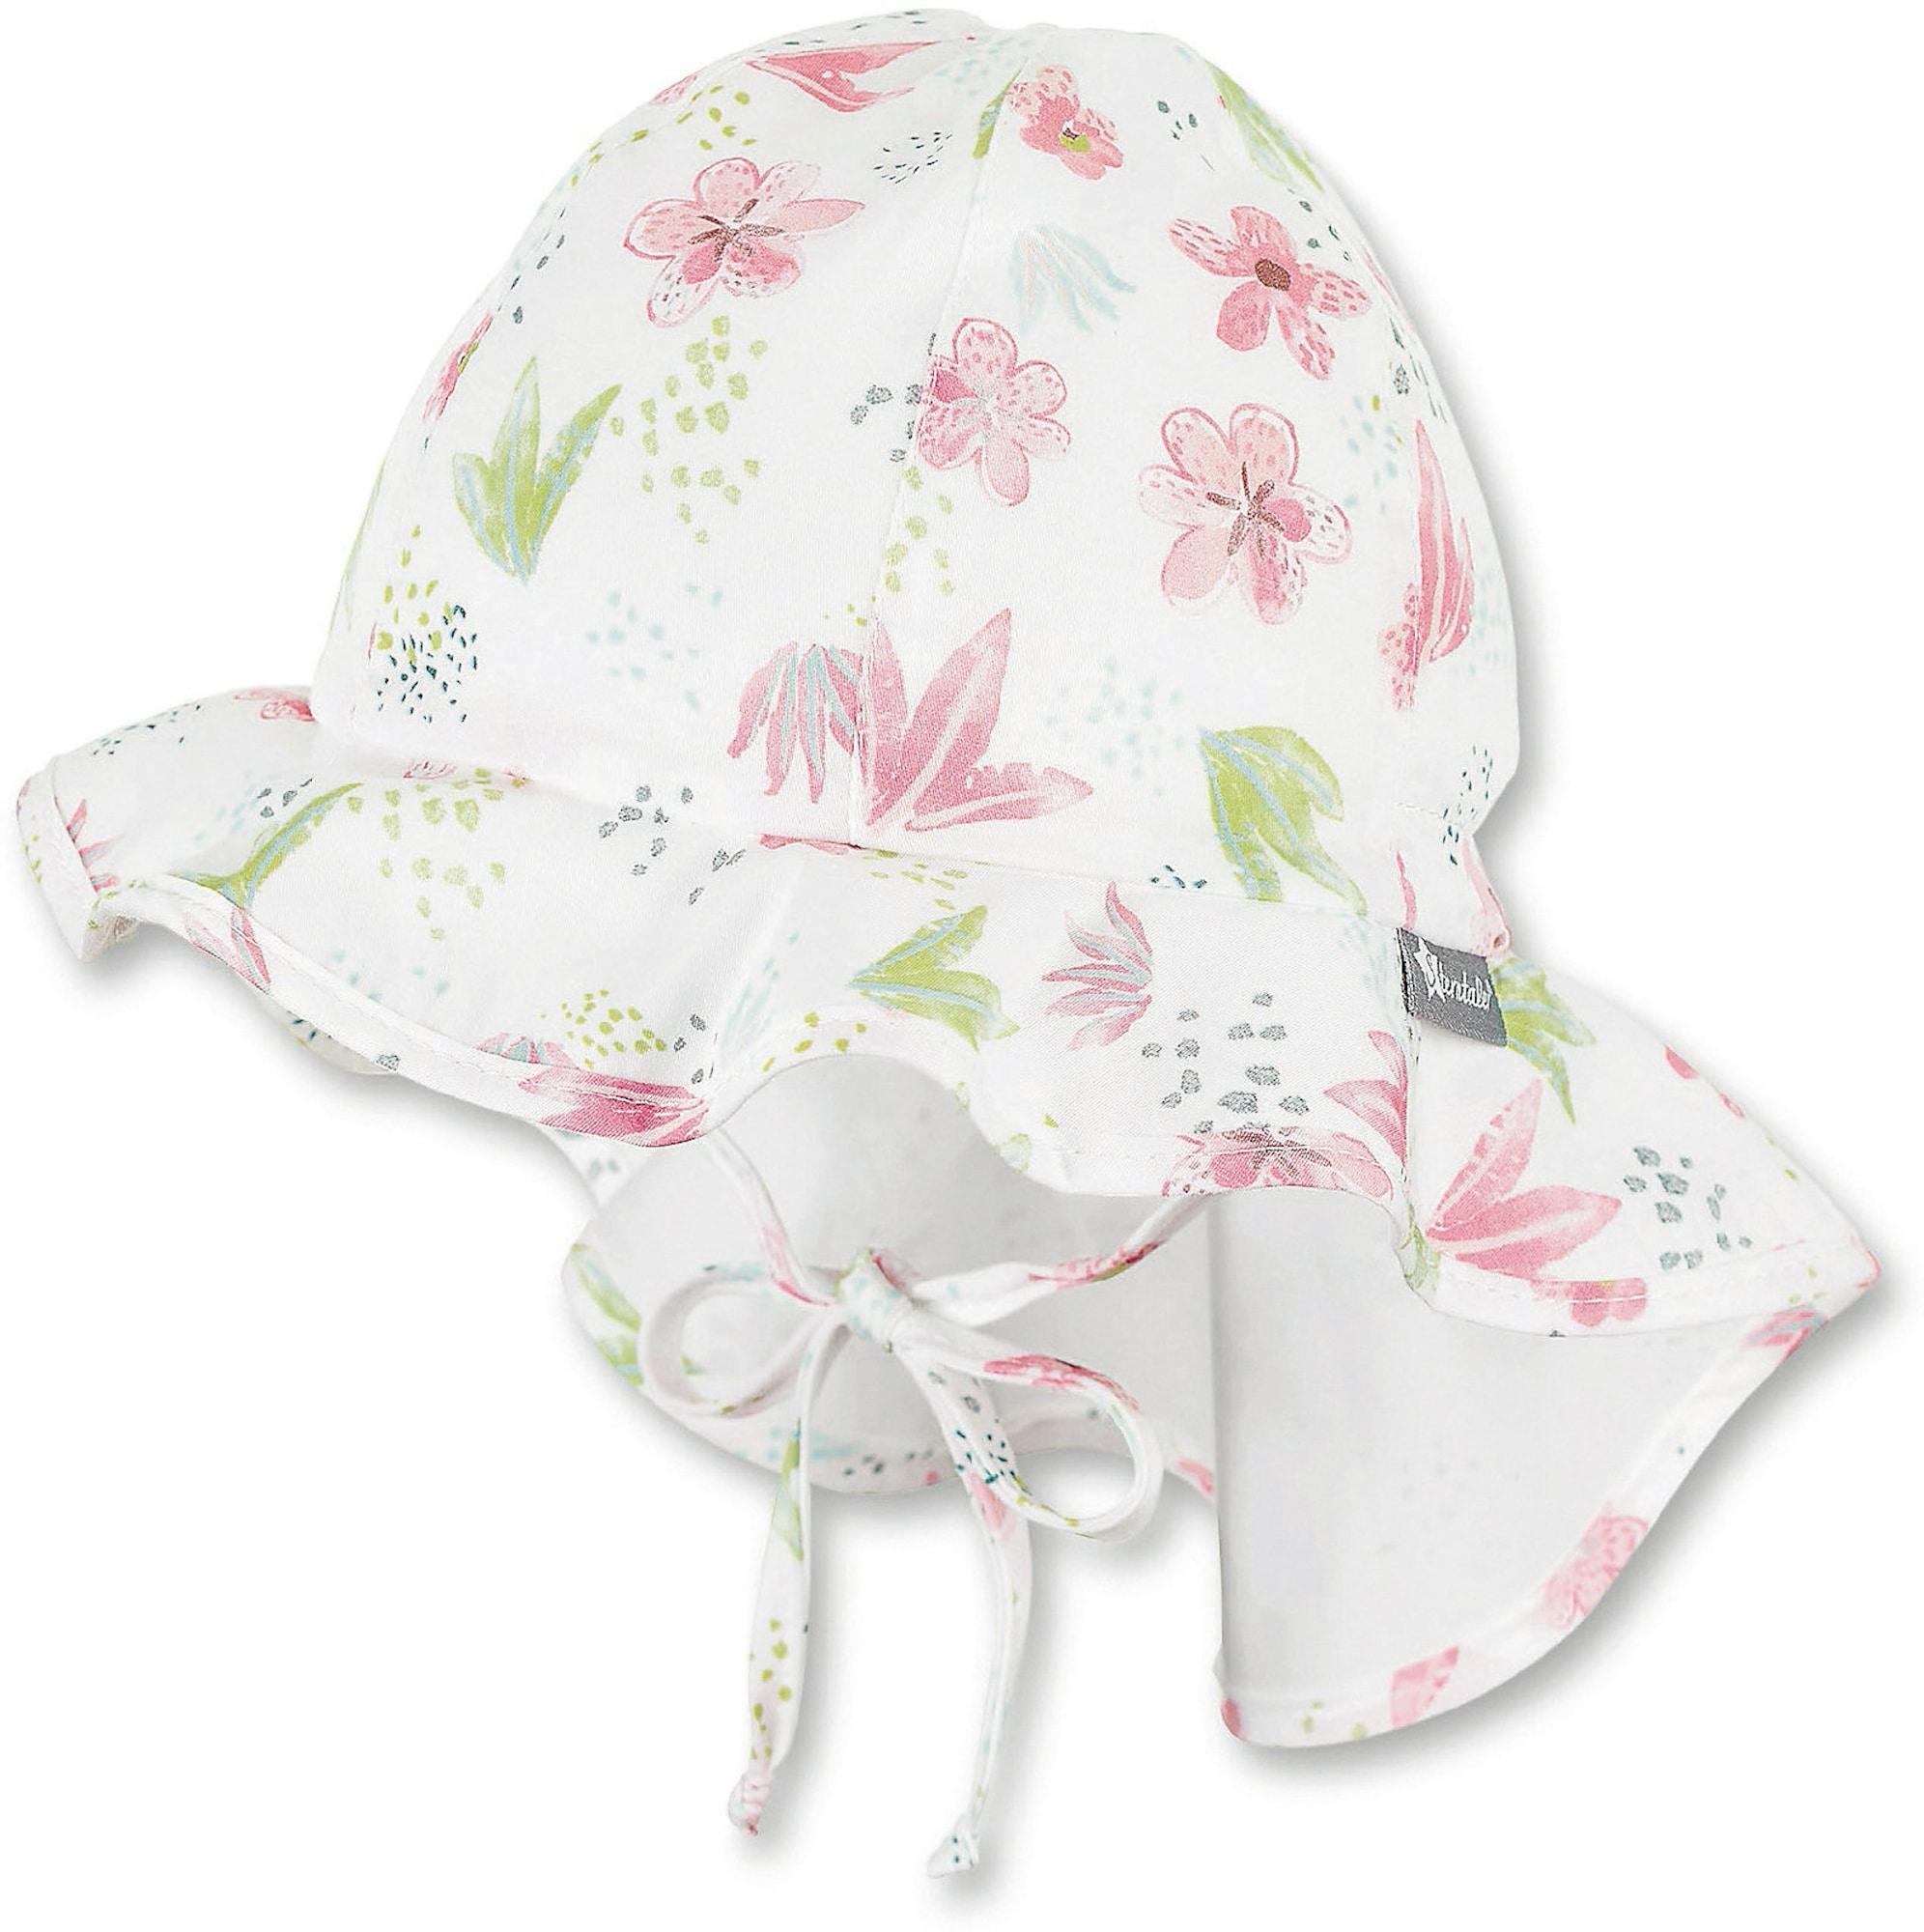 STERNTALER Skrybėlaitė balta / žalia / rožinė